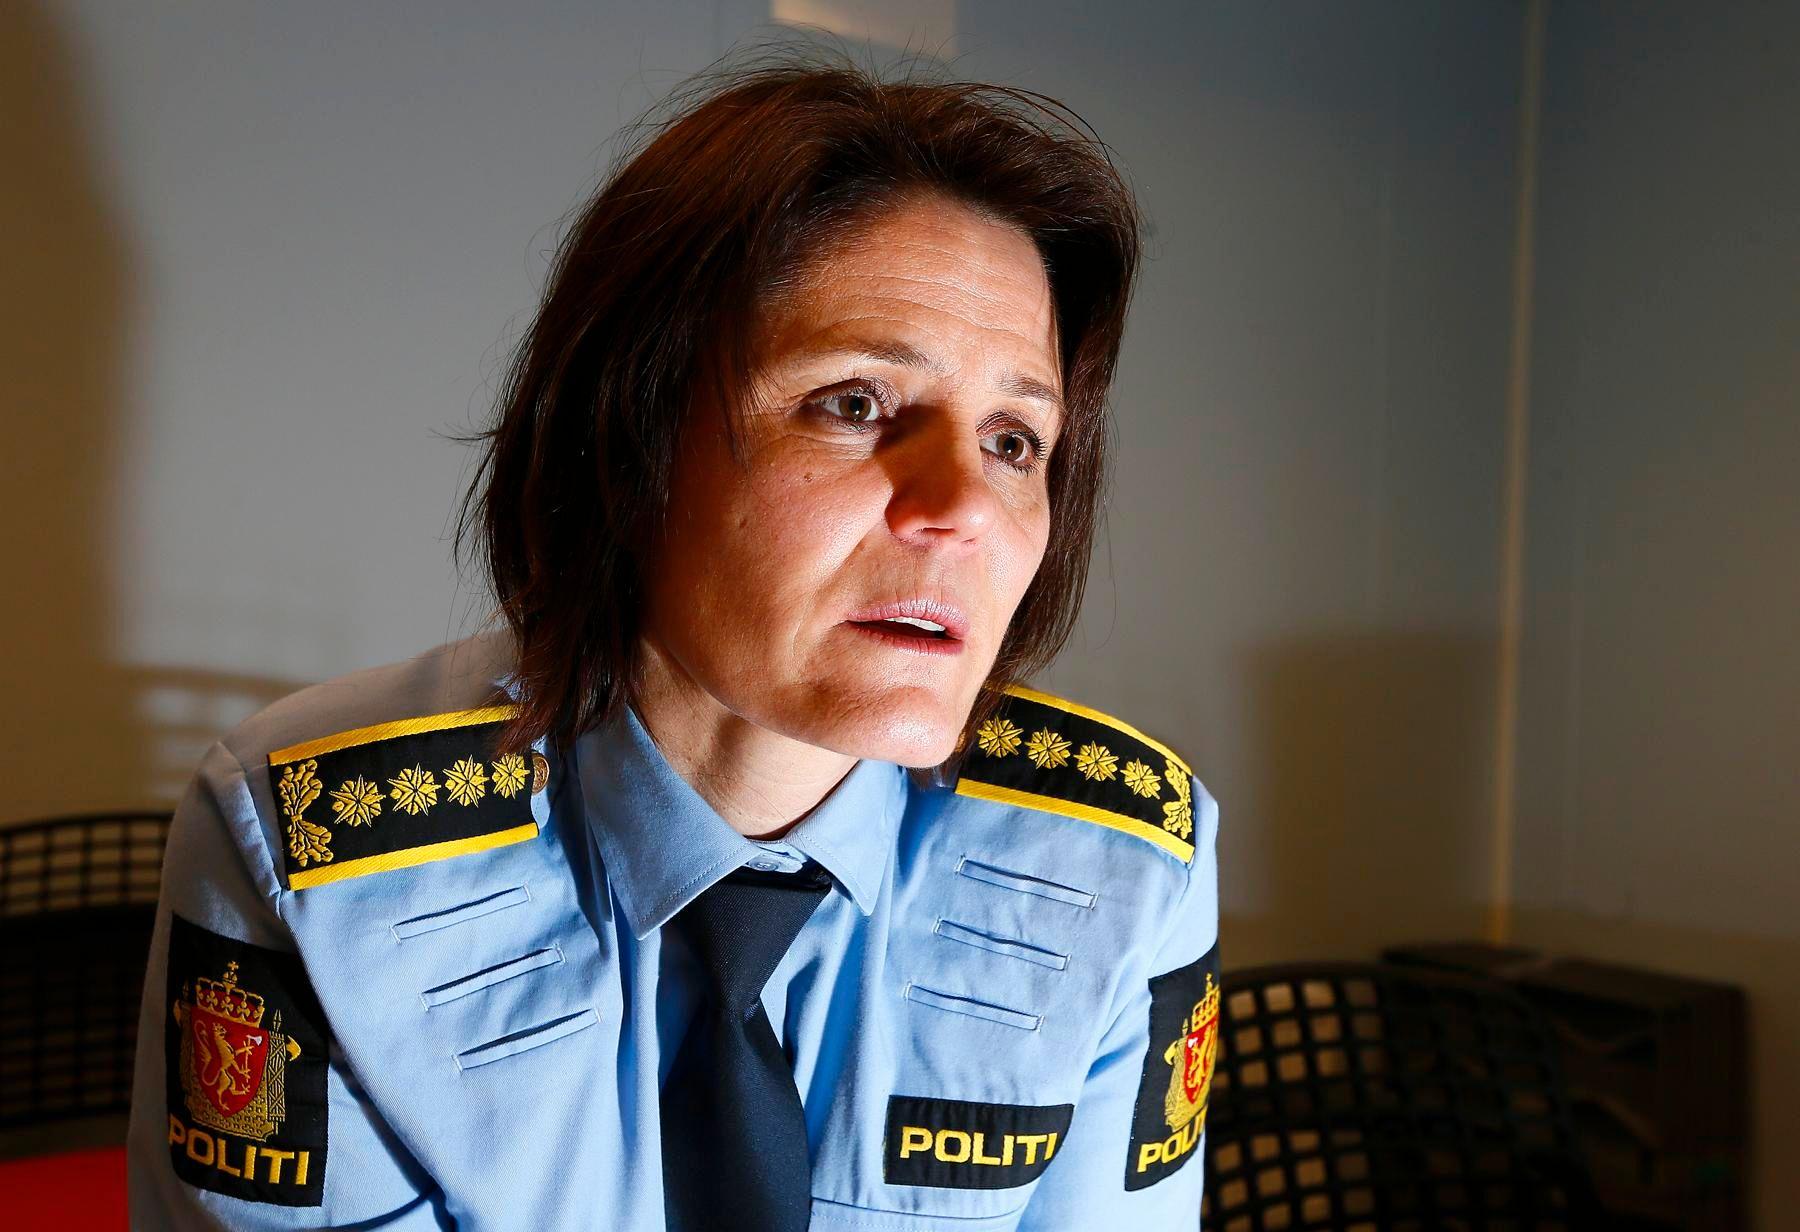 SVARER: Stasjonssjef Anita Hermandsen på Tromsø politistasjon forteller at alle saker der en person sitter varetektsfengslet, får høy prioritet hos politiet.